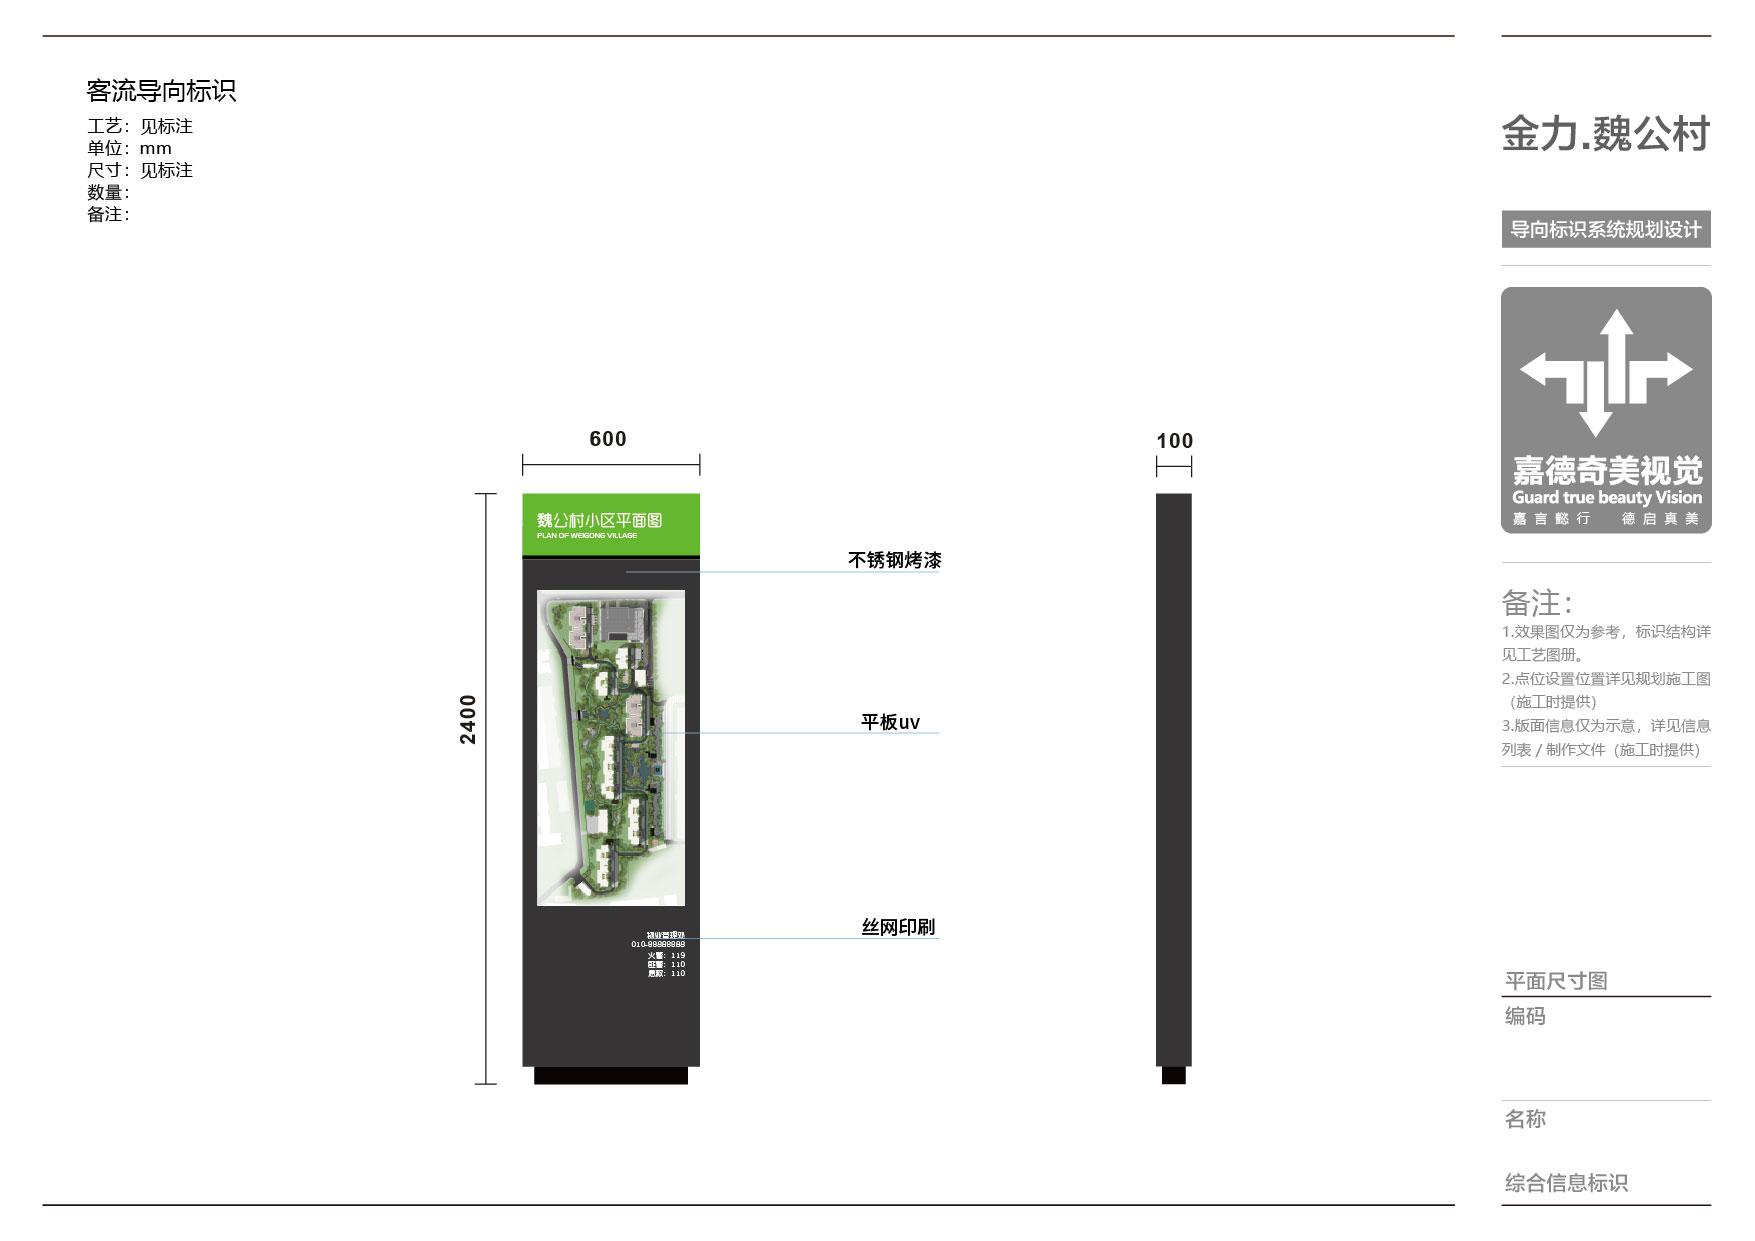 魏公村小区导视系统方案1227合最终发_页面_03